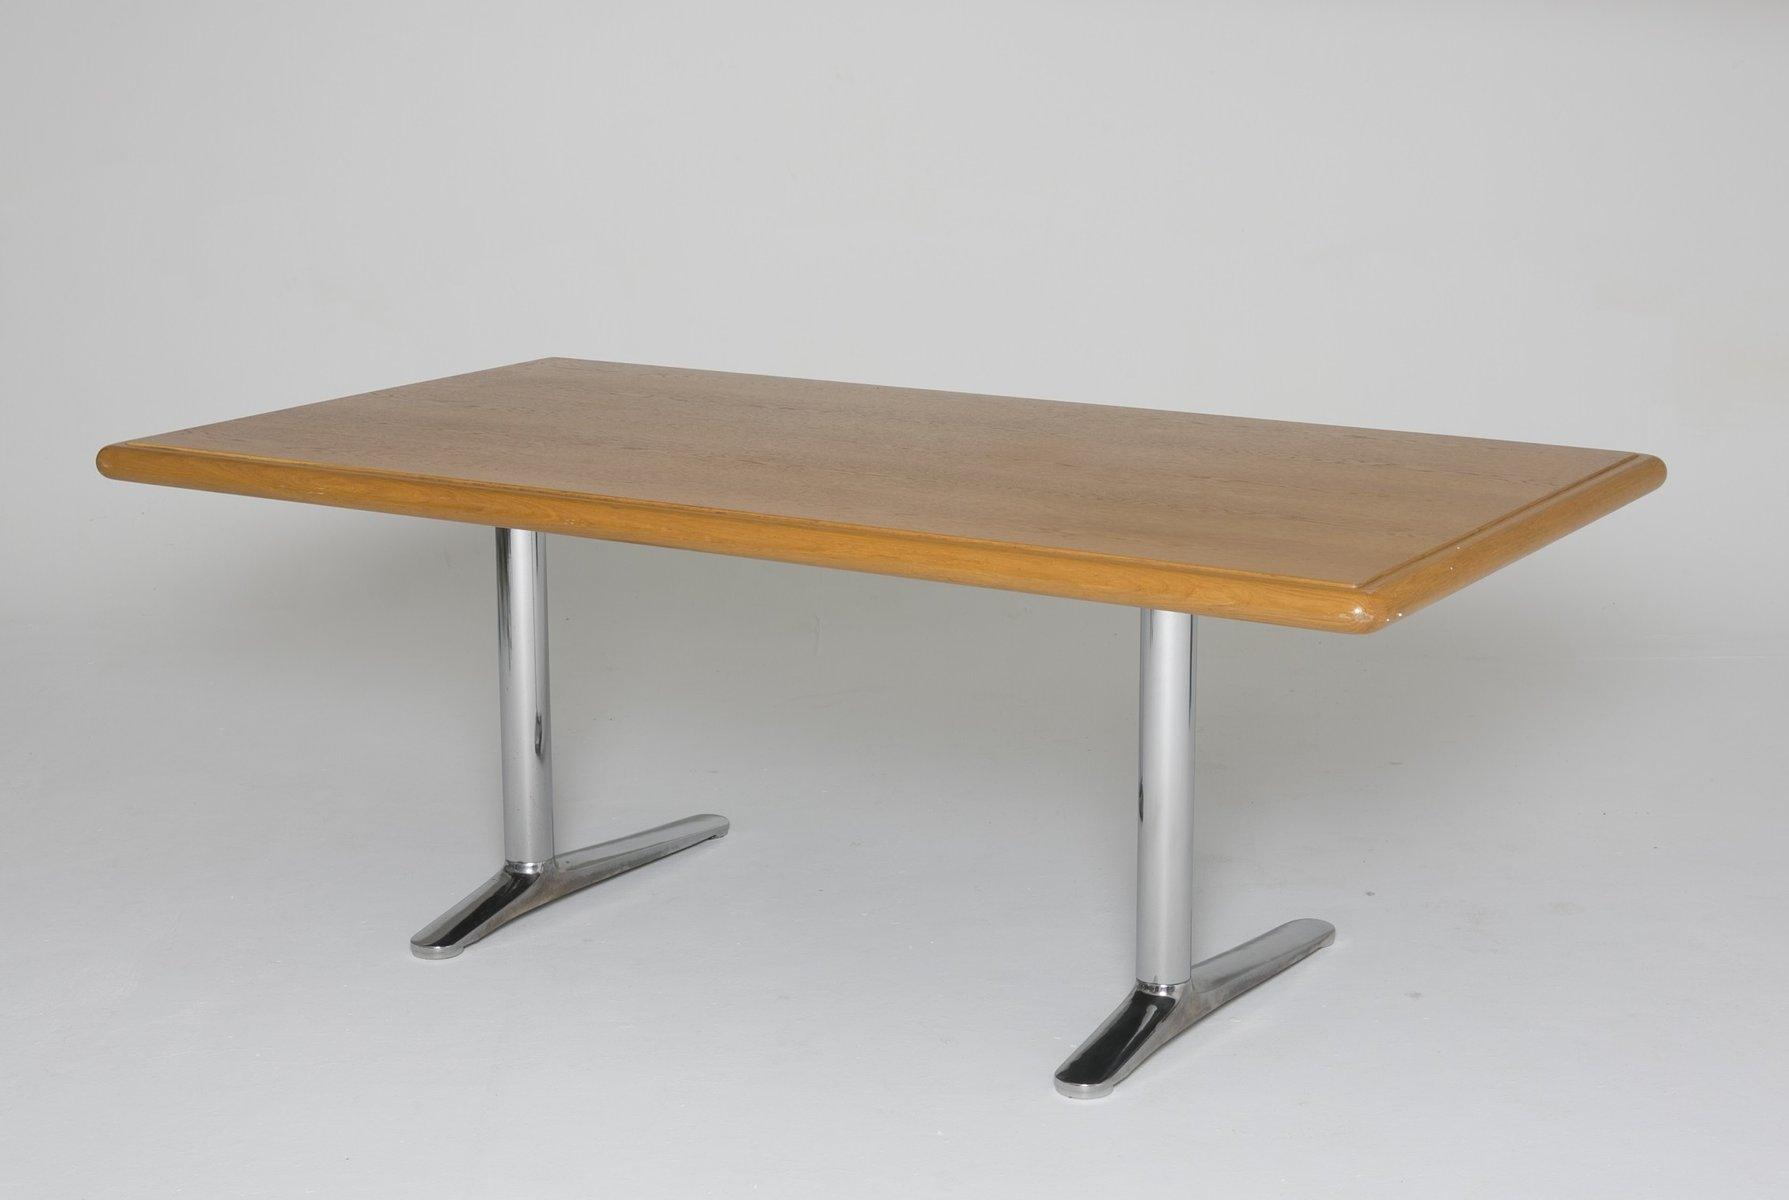 Vintage Desk by Warren Platner for Knoll for sale at Pamono